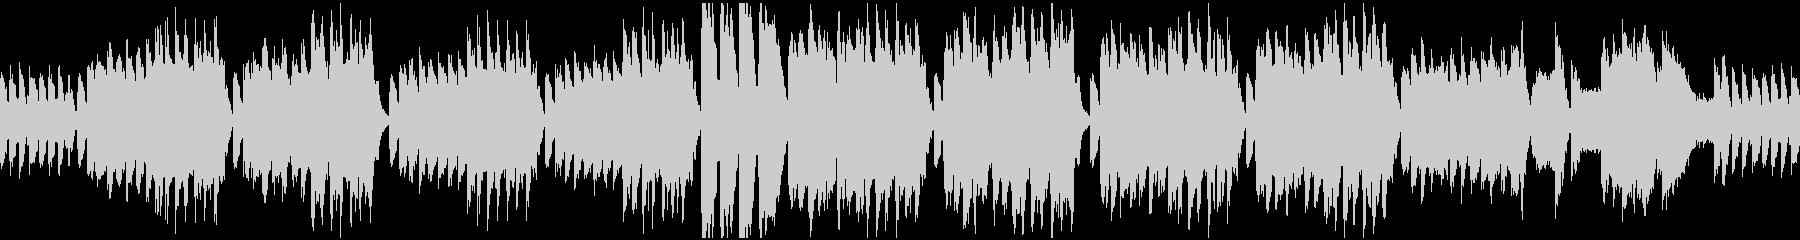 クラシカルな怪しいBGM_ループの未再生の波形